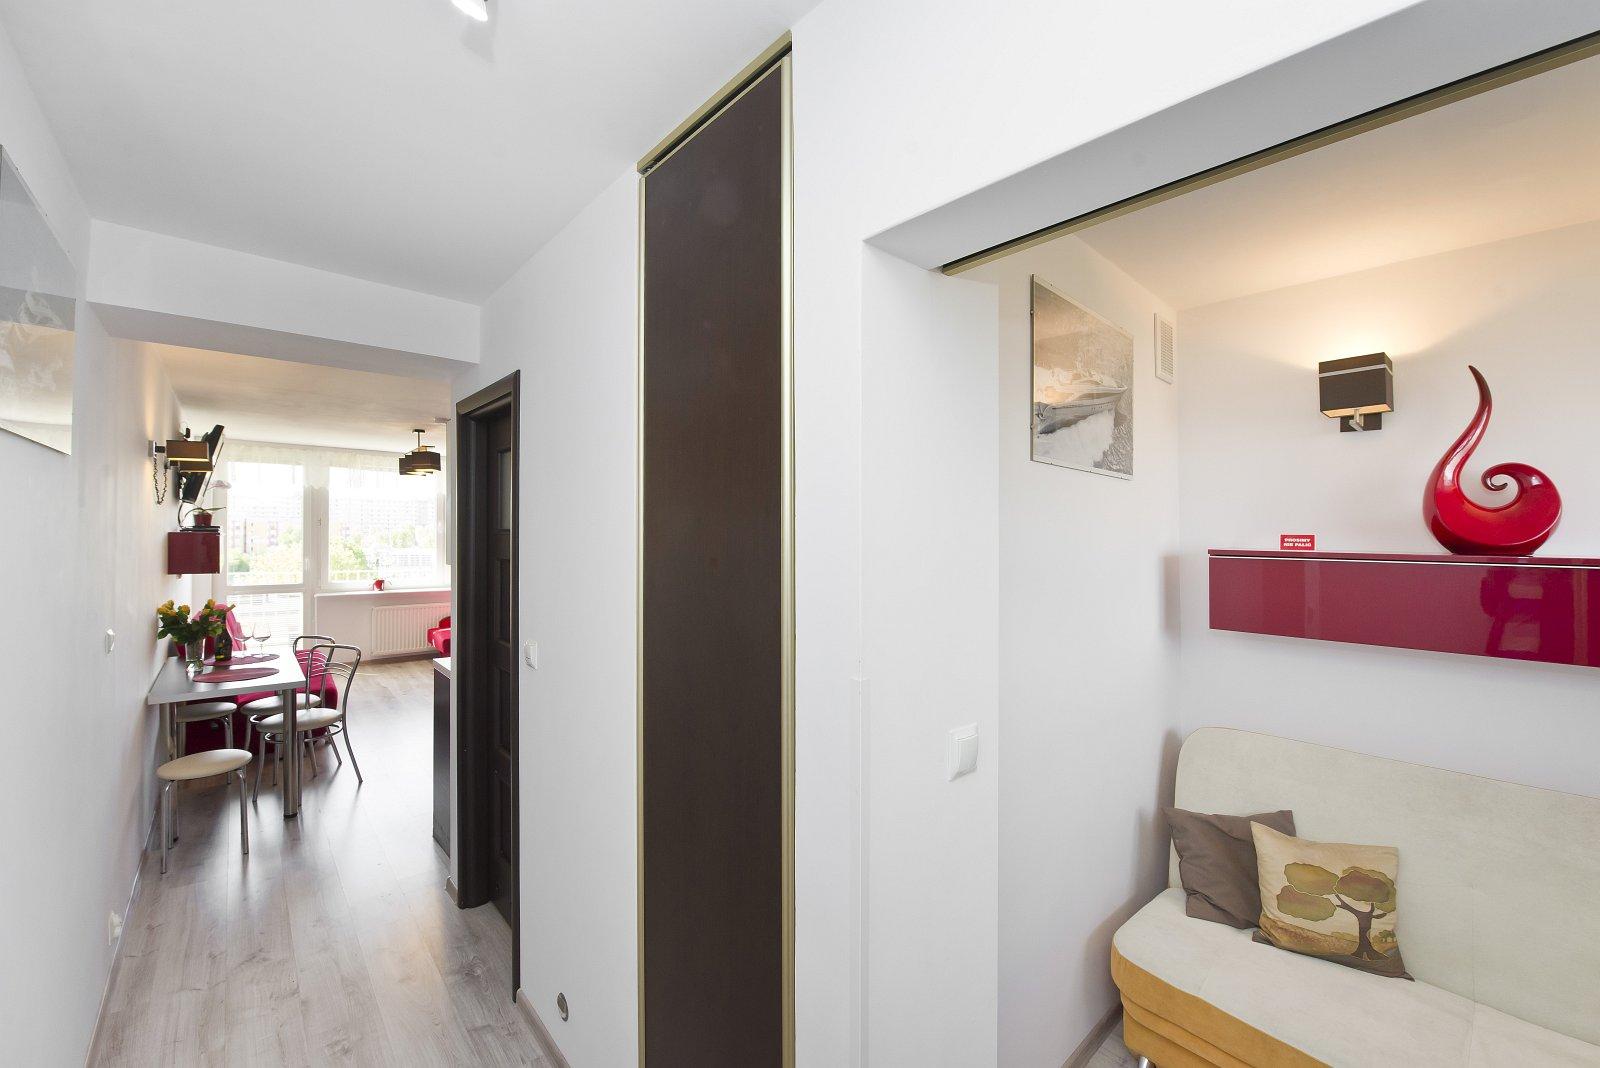 mieszkanie-wynajem-gdansk-ow4-02-01web